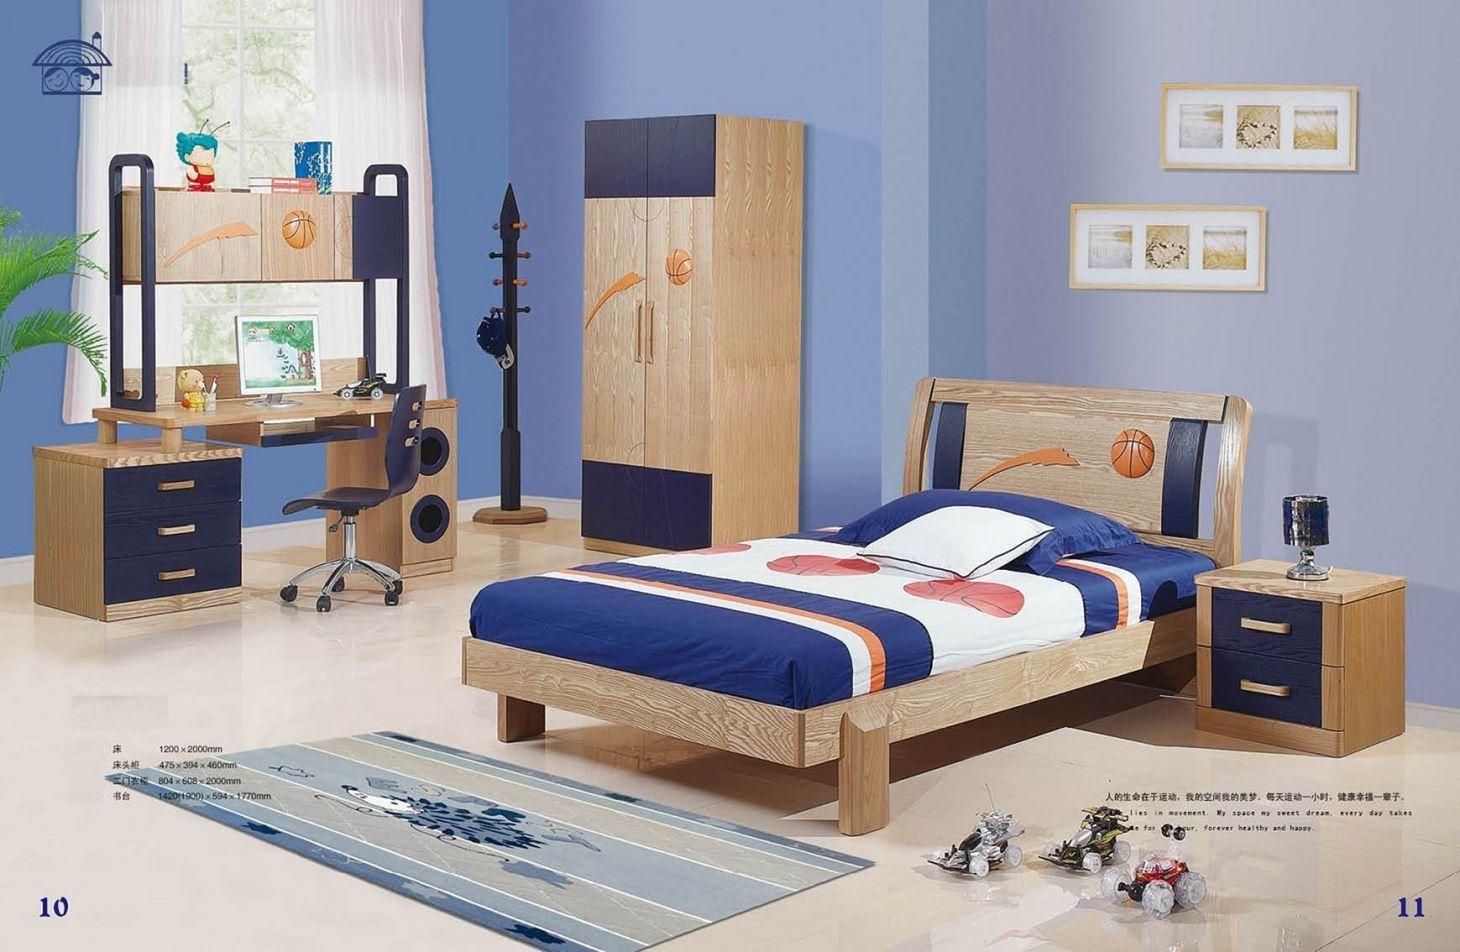 Top 8 Kids Bedroom Furniture Design For Your Beloved Kid Decora Toddler Bedroom Furniture Sets Childrens Bedroom Furniture Sets Kids Bedroom Furniture Design Bedroom furniture kids bedroom